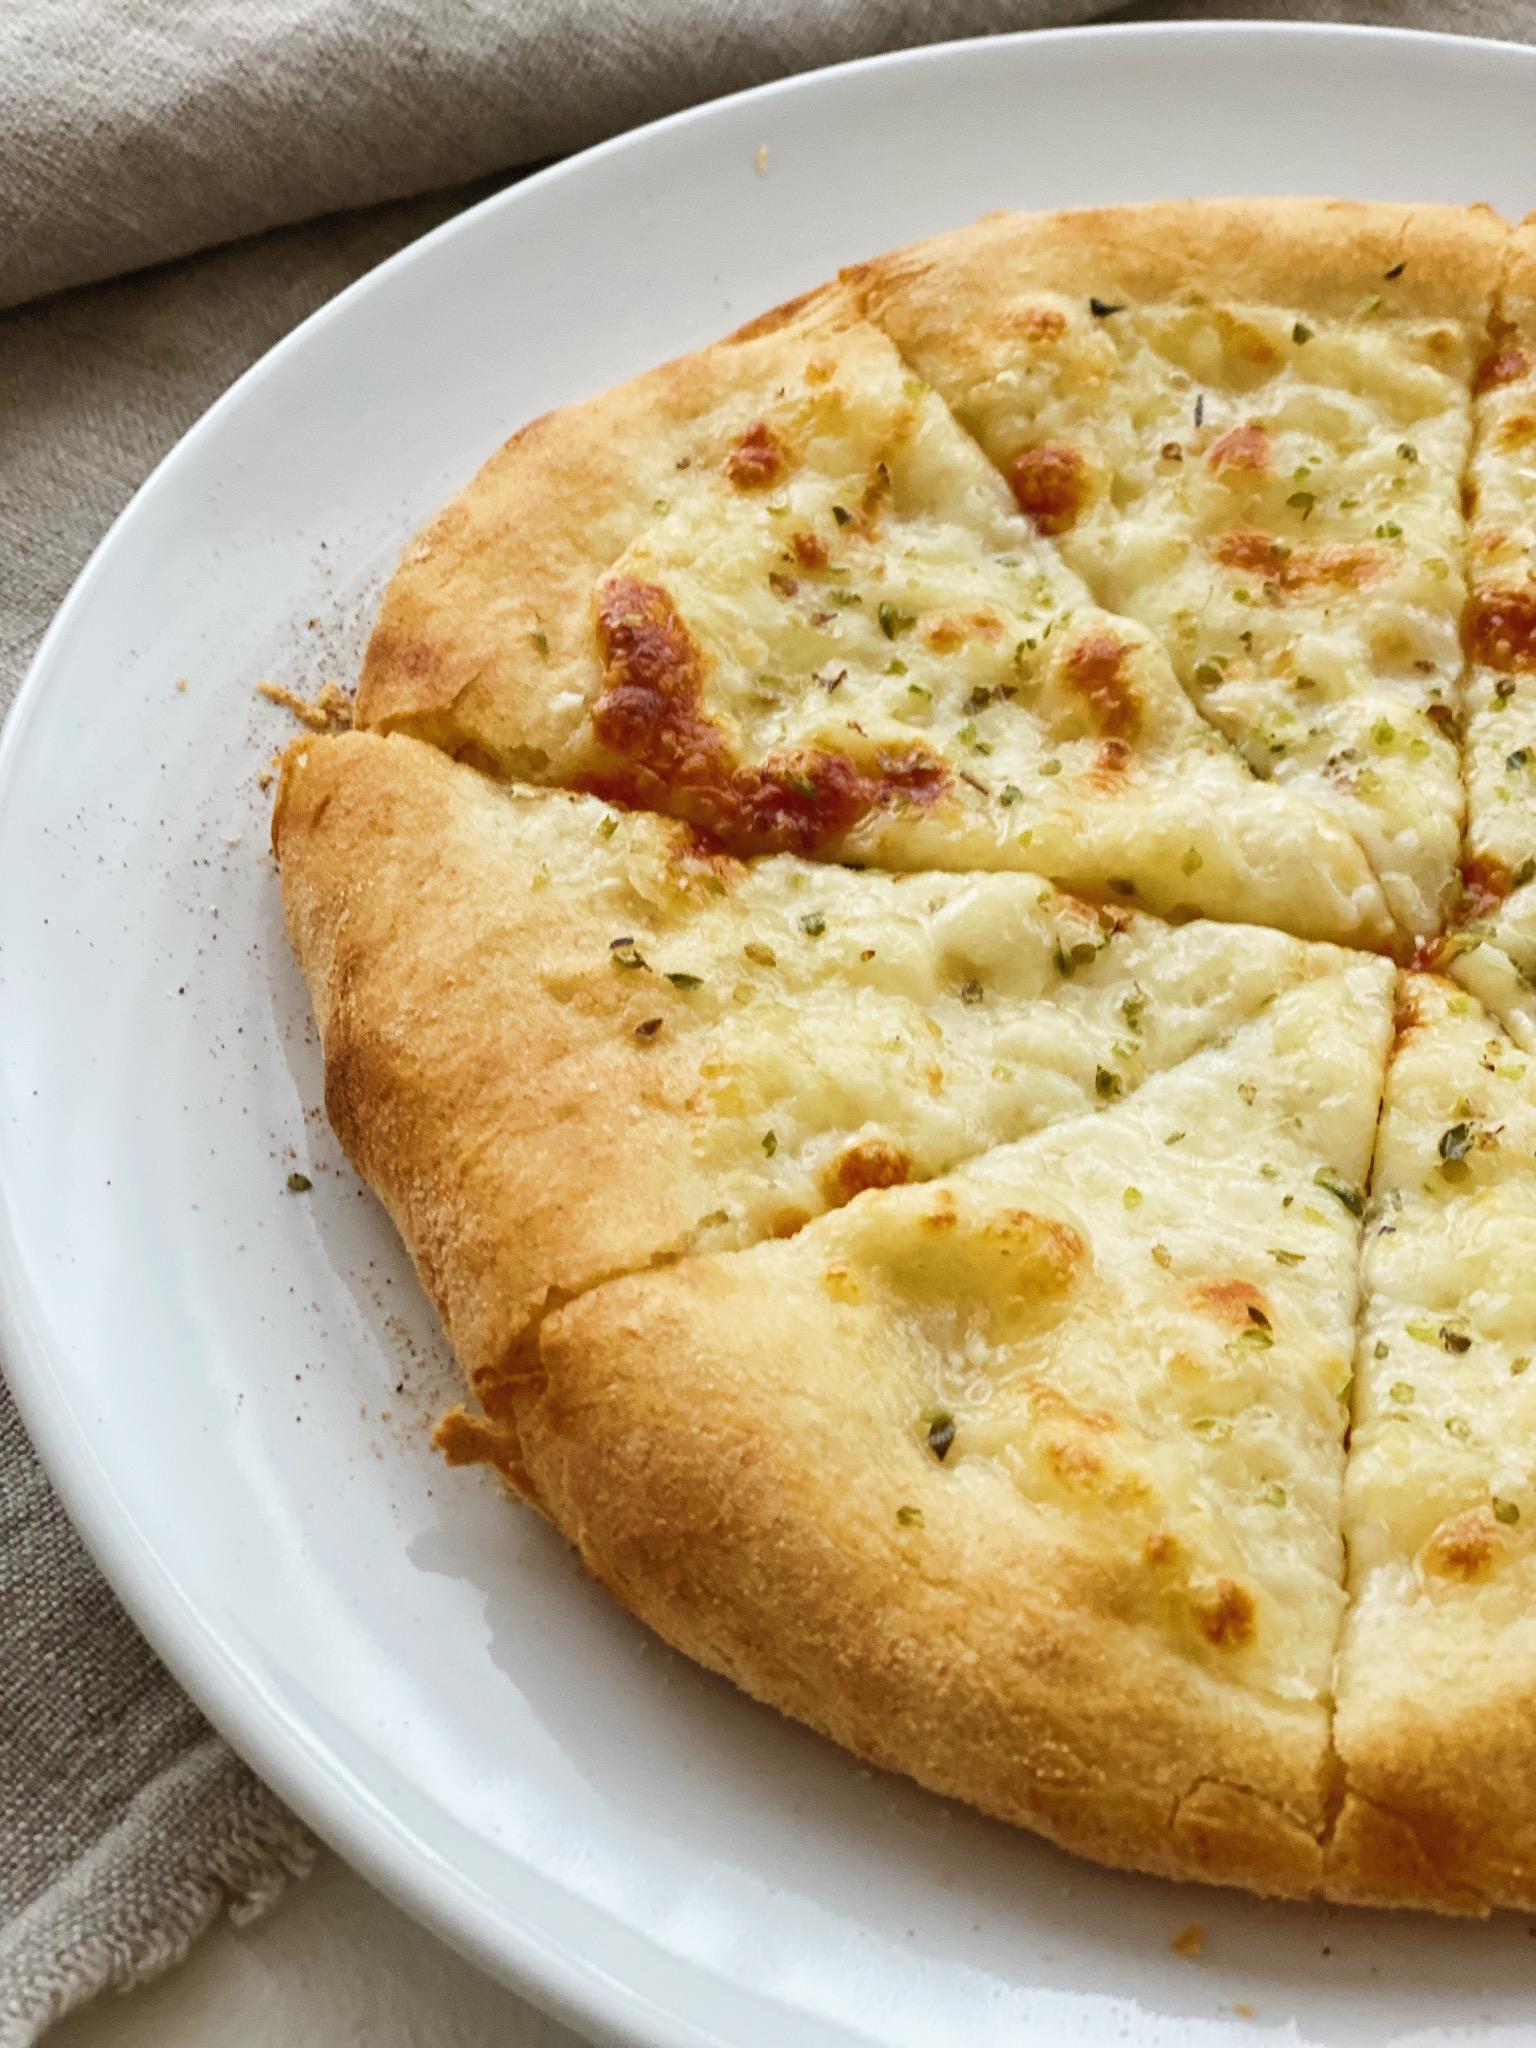 Hvidløgs pizza set tæt på